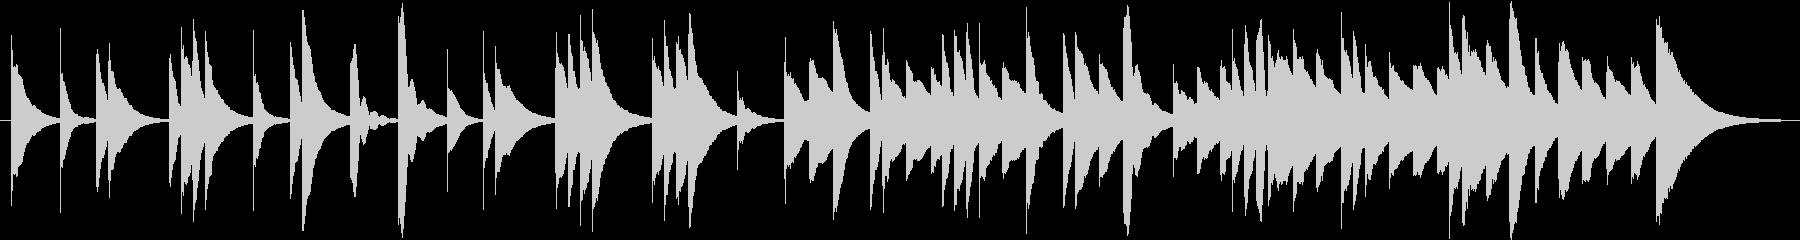 結婚式BGM_式の前日02の未再生の波形